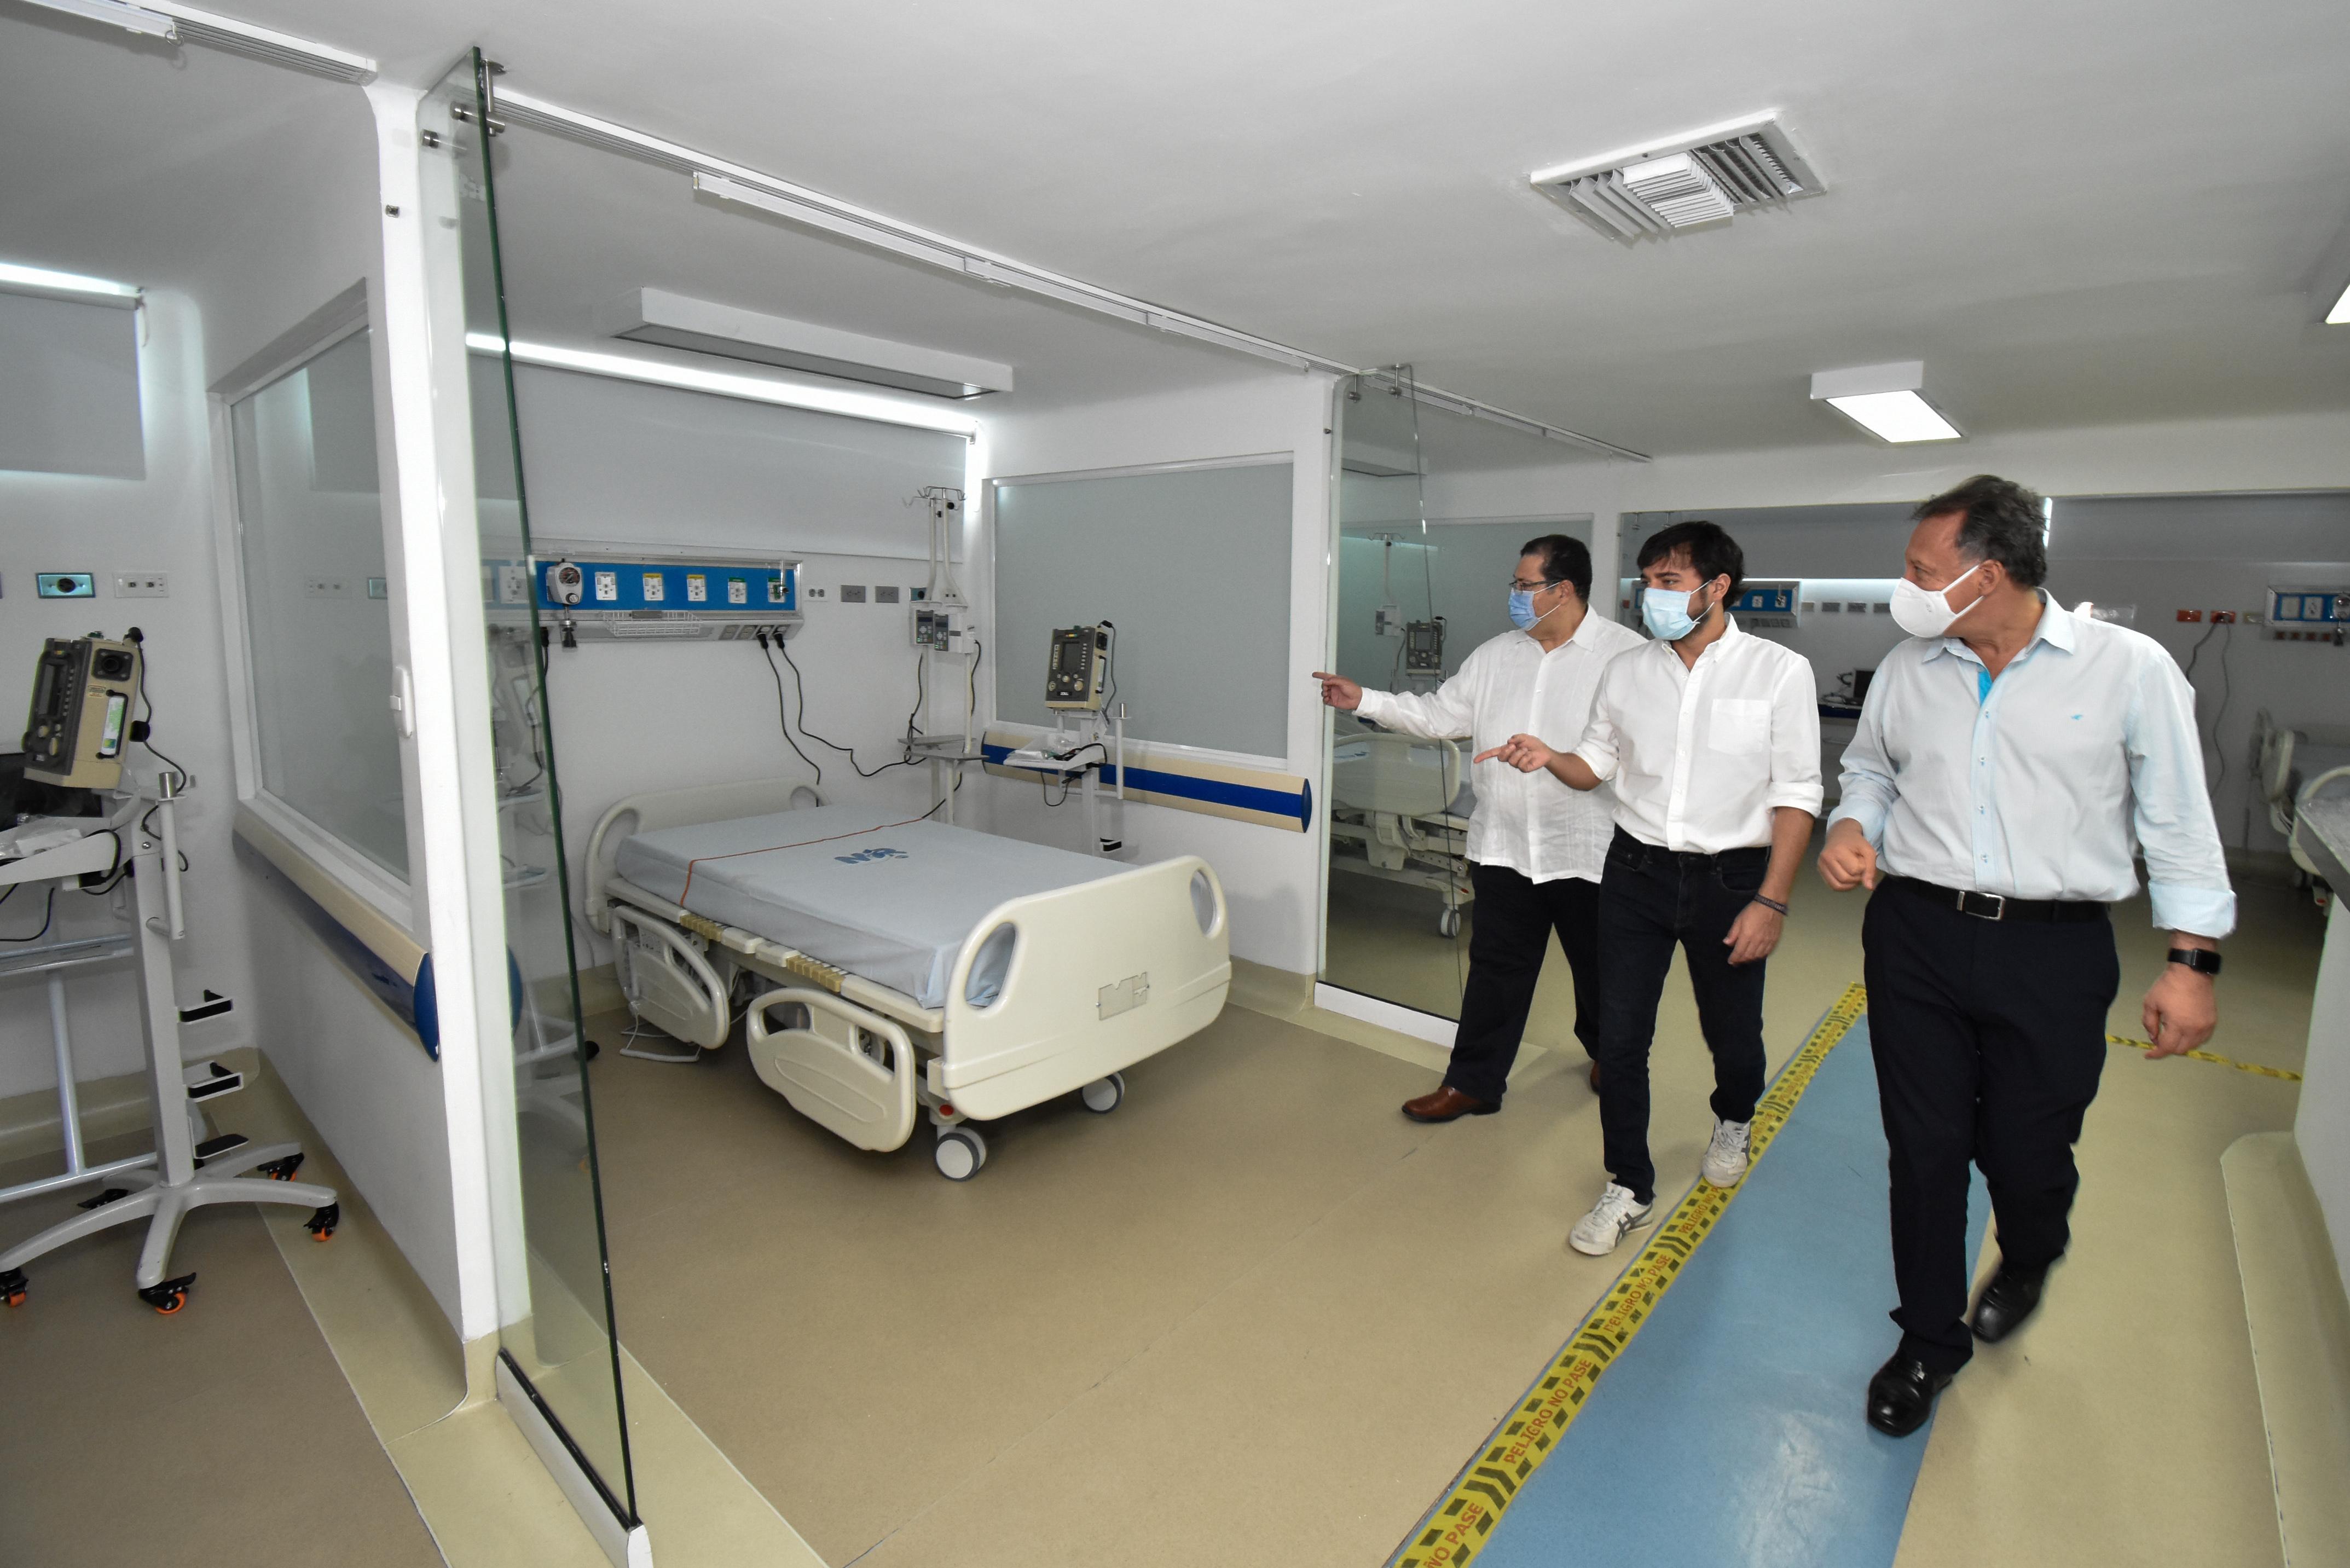 Comenzó instalación de 49 nuevos ventiladores que fortalecen capacidad de cuidados intensivos en Barranquilla